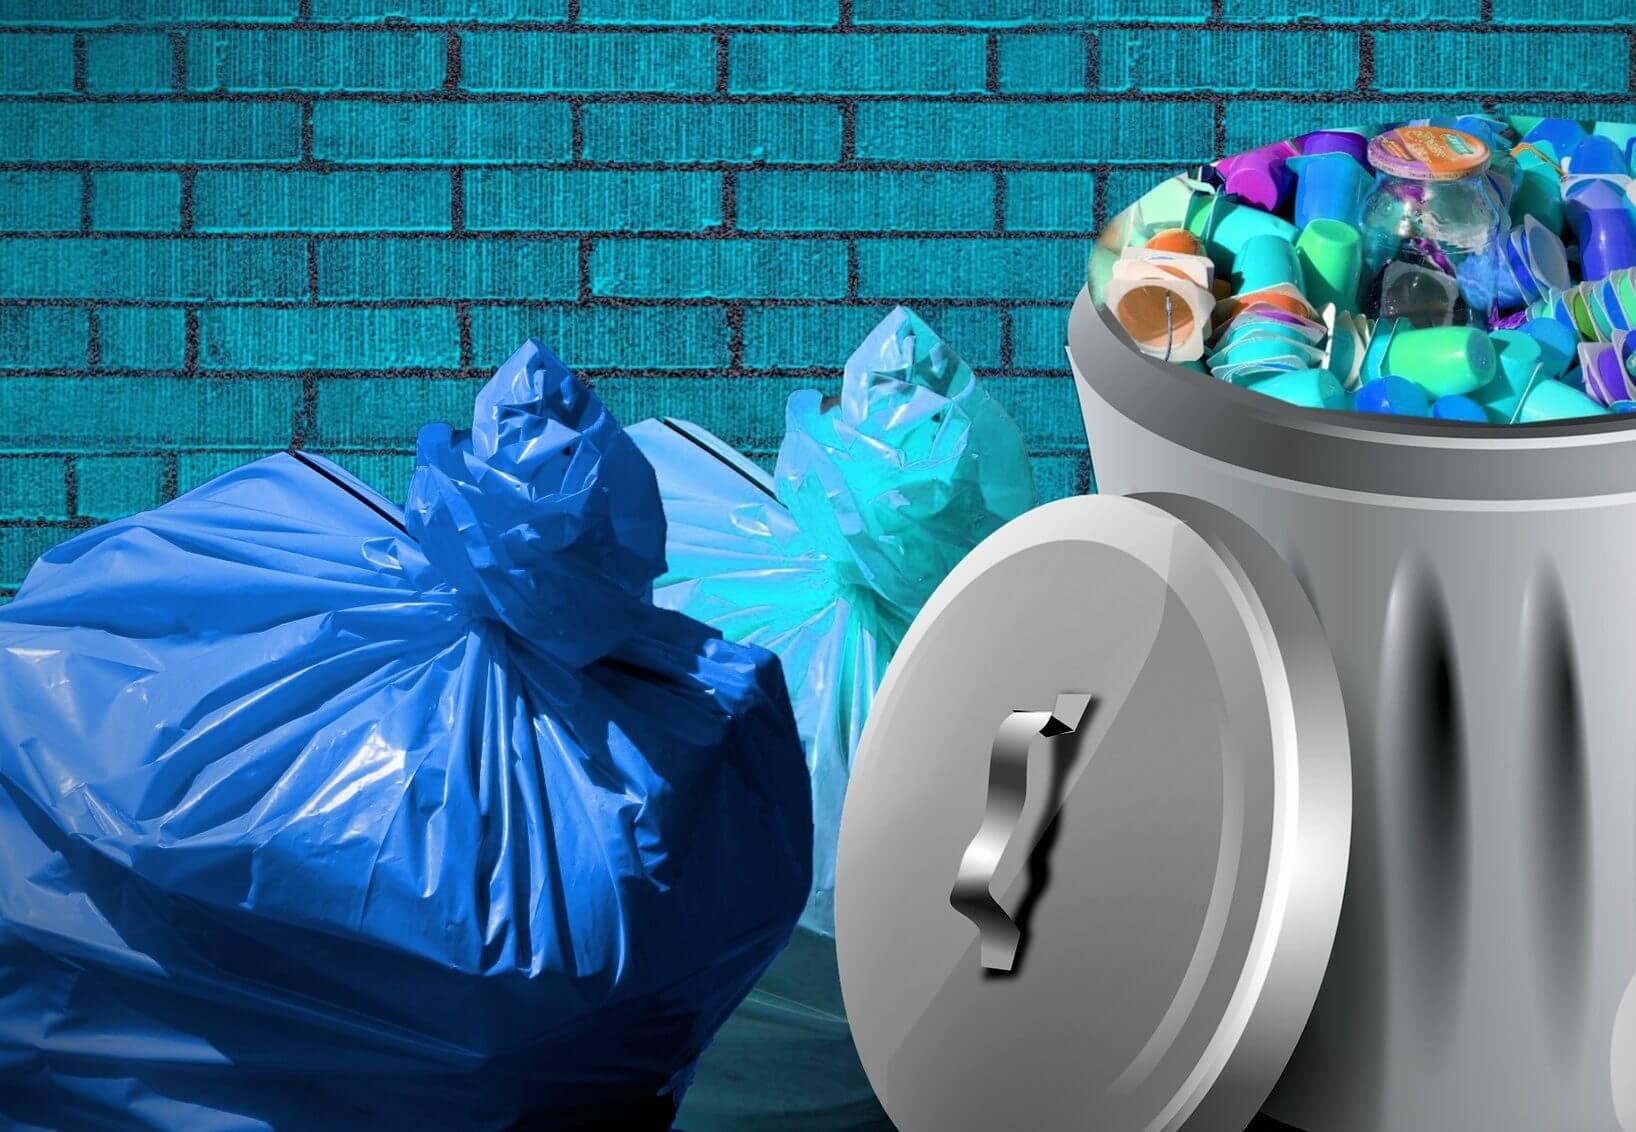 Plastpåsar på kontor lika viktiga som matkassen